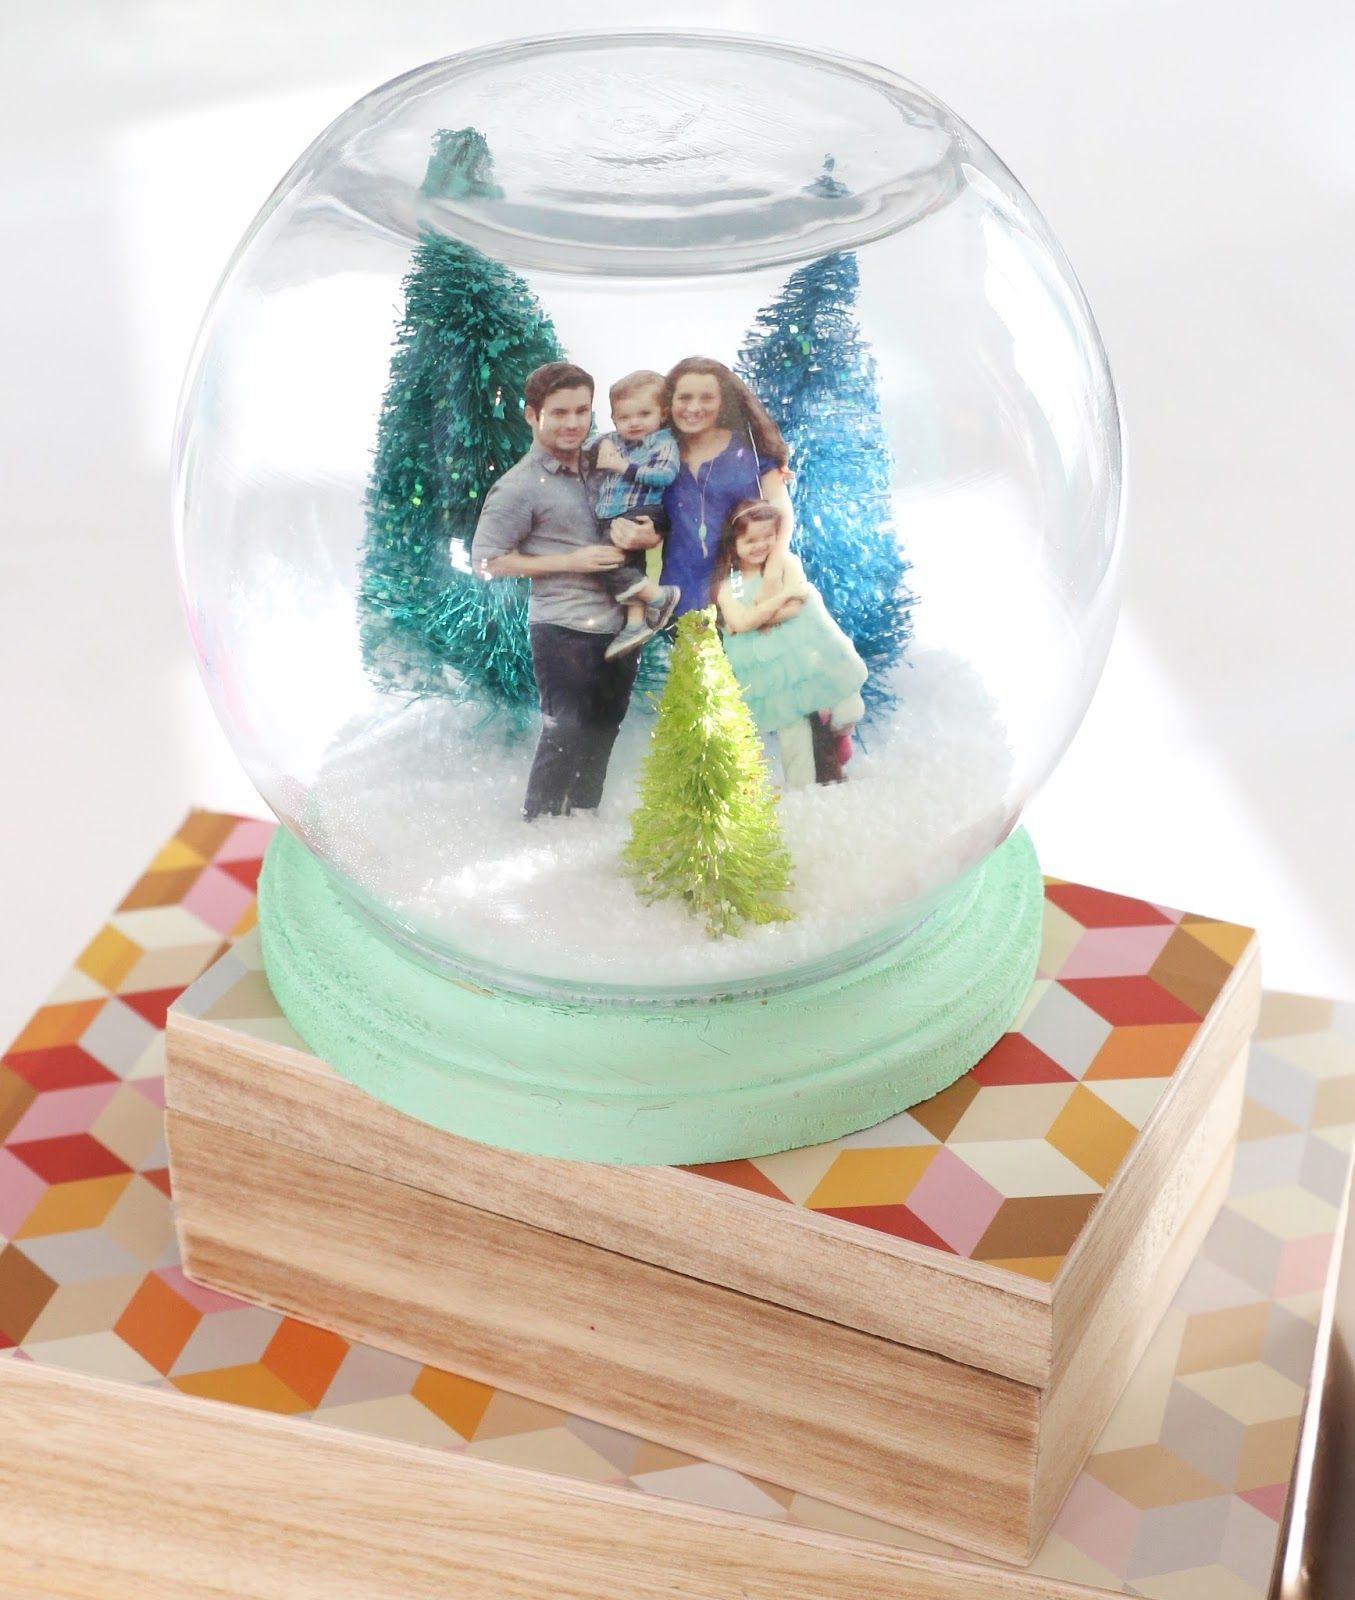 Craft It A Family Portrait Snow Globe Snow globe